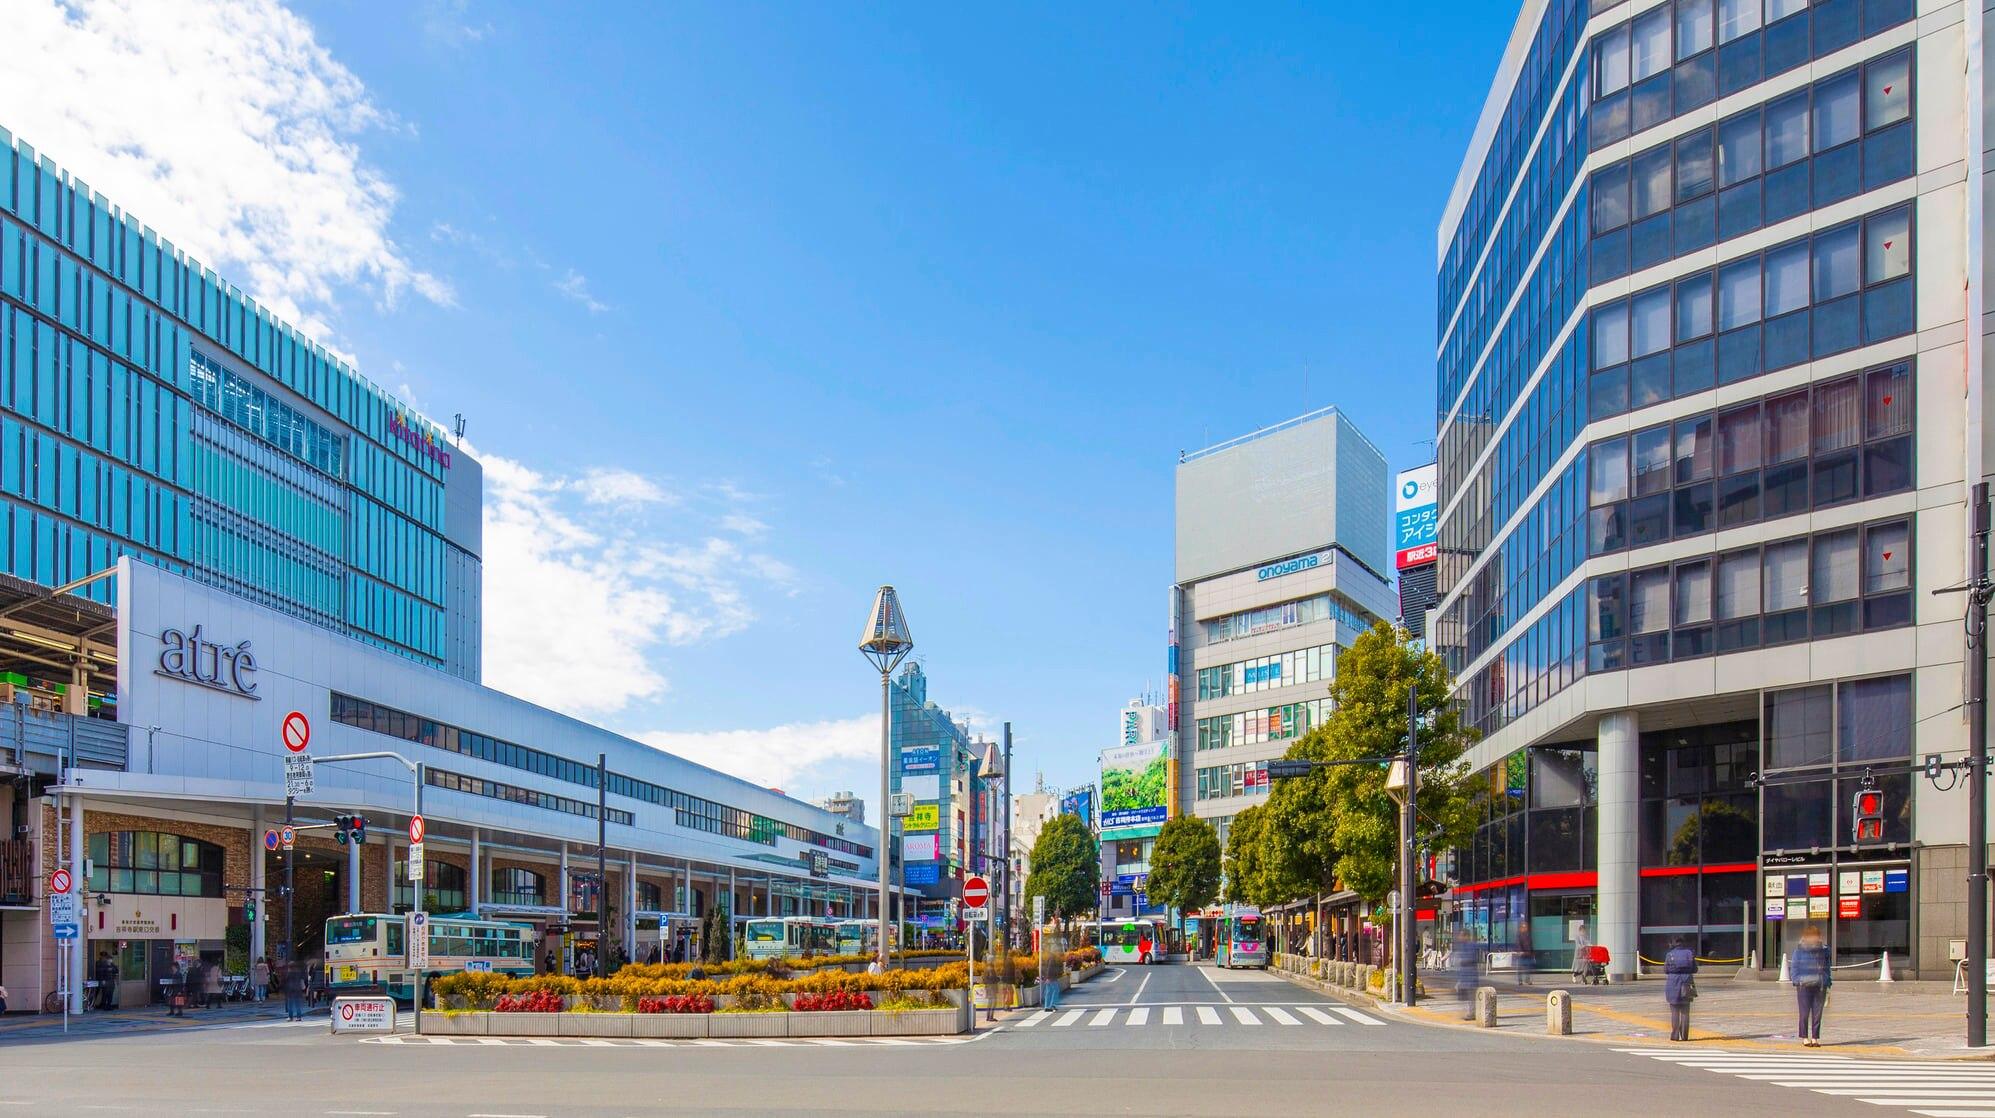 東京都下で人気タウン・吉祥寺でおすすめの2ホテルを紹介